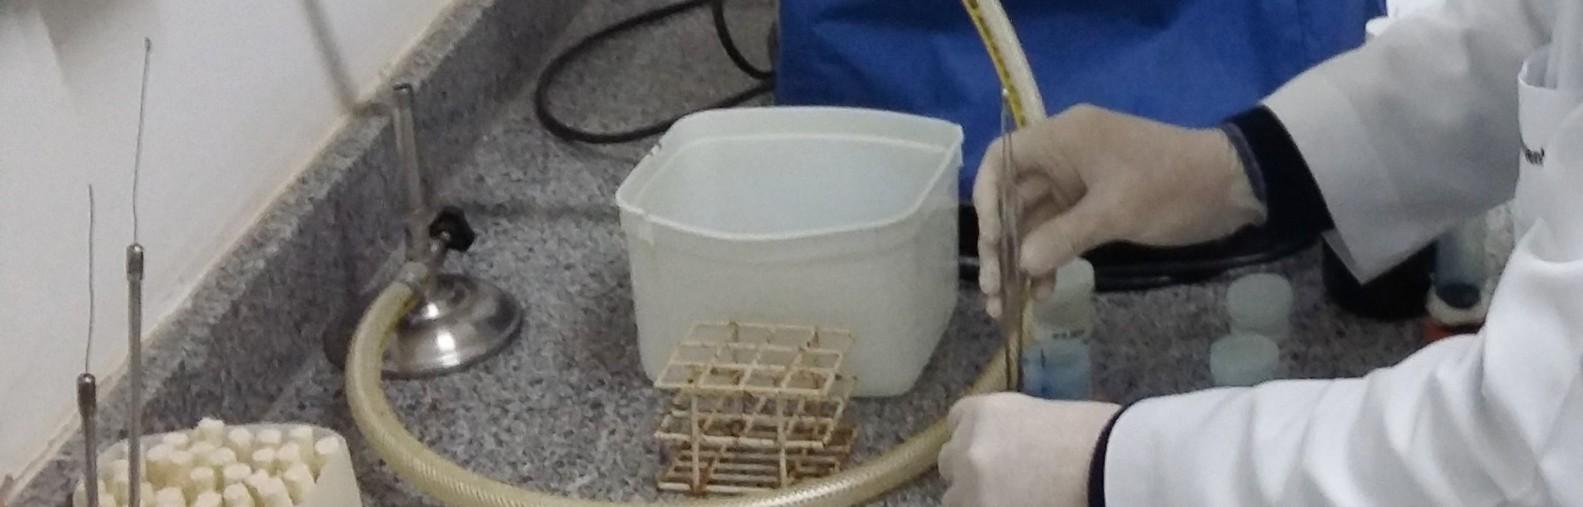 Imagem das mãos de um pesquisador manipulando materiais de laboratório.